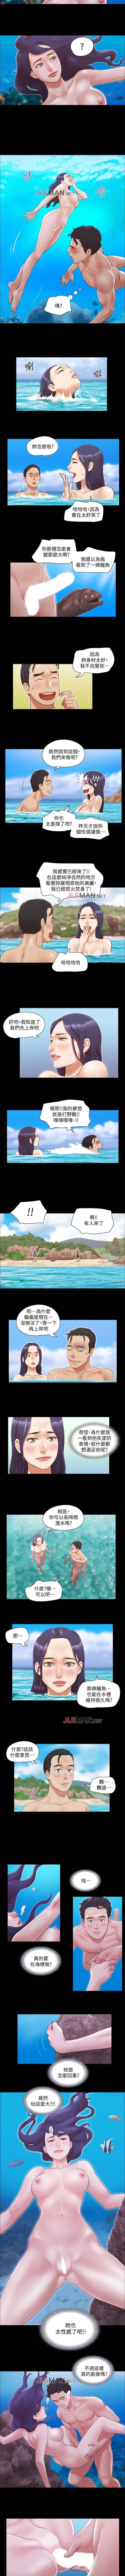 【周五连载】协议换爱(作者:遠德) 第1~57话 47